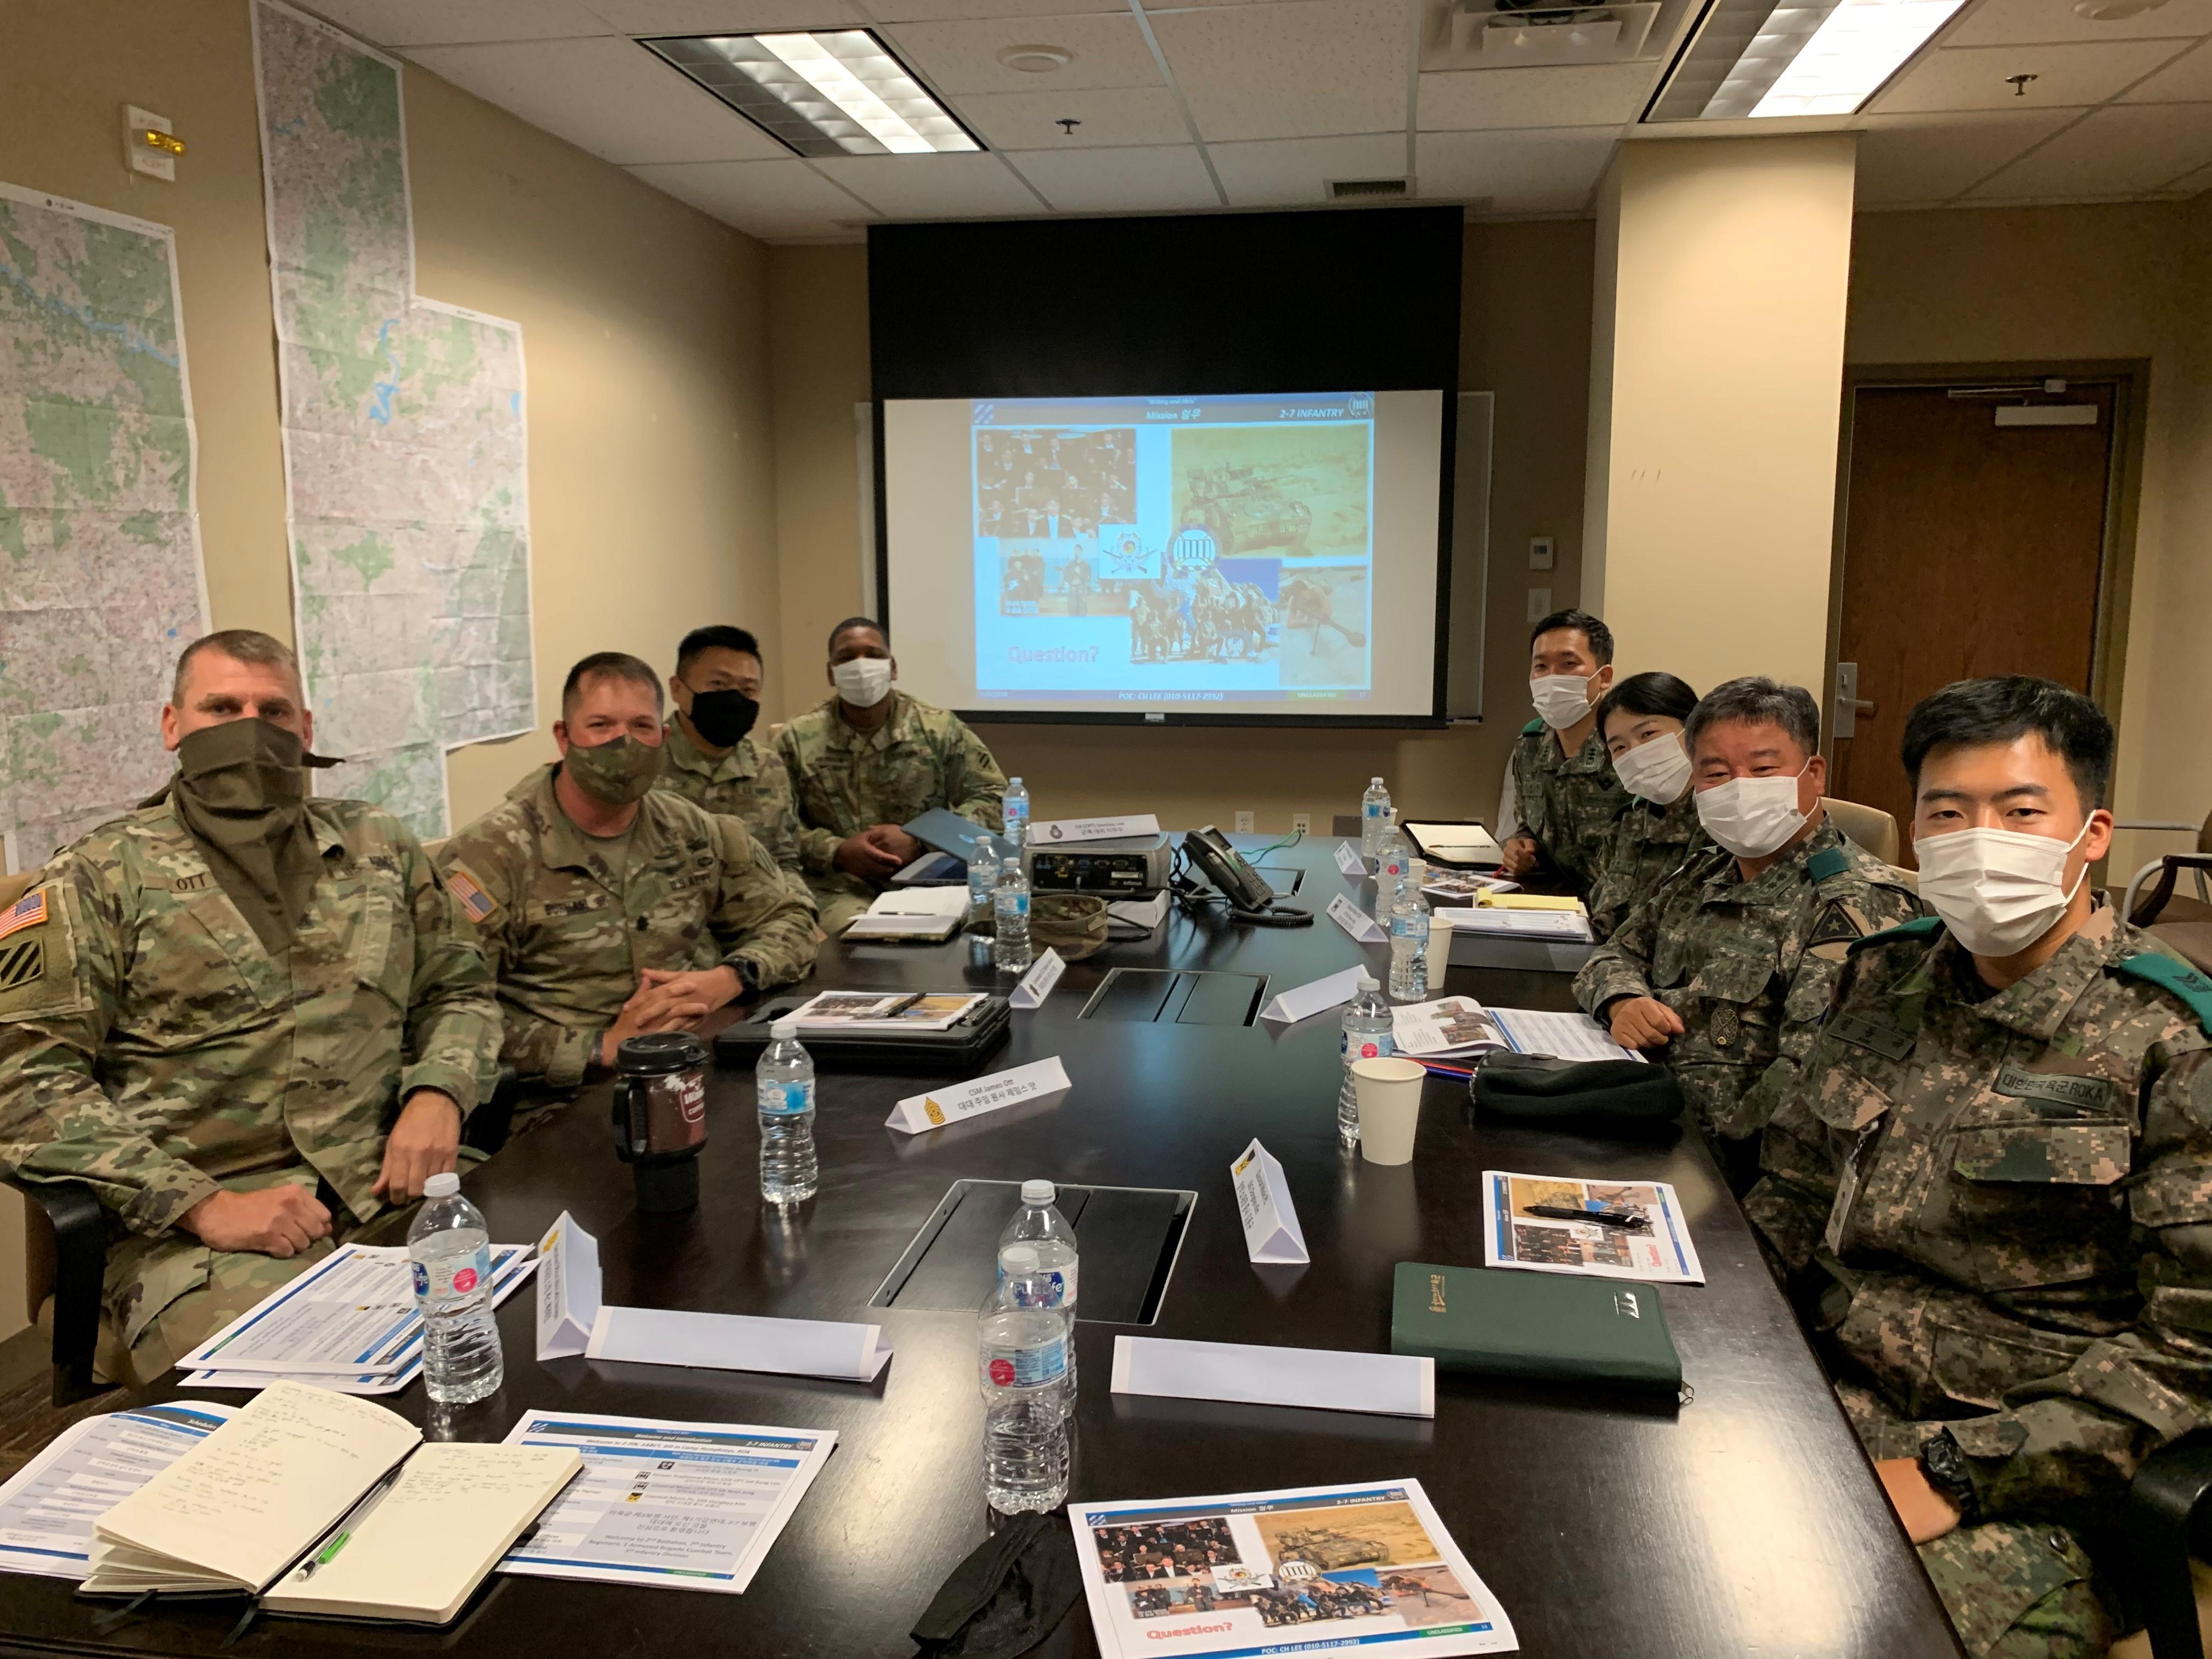 한국의 육군 인사사령부 군악대 대장과 참모진들이 미8군을 방문해 친교를 나누고, 크리스마스 교류 및 크리스마스 음악회 개최에 관한 논의를 하고 있다. 사진 제공, 이두수 목사, 미 육군.